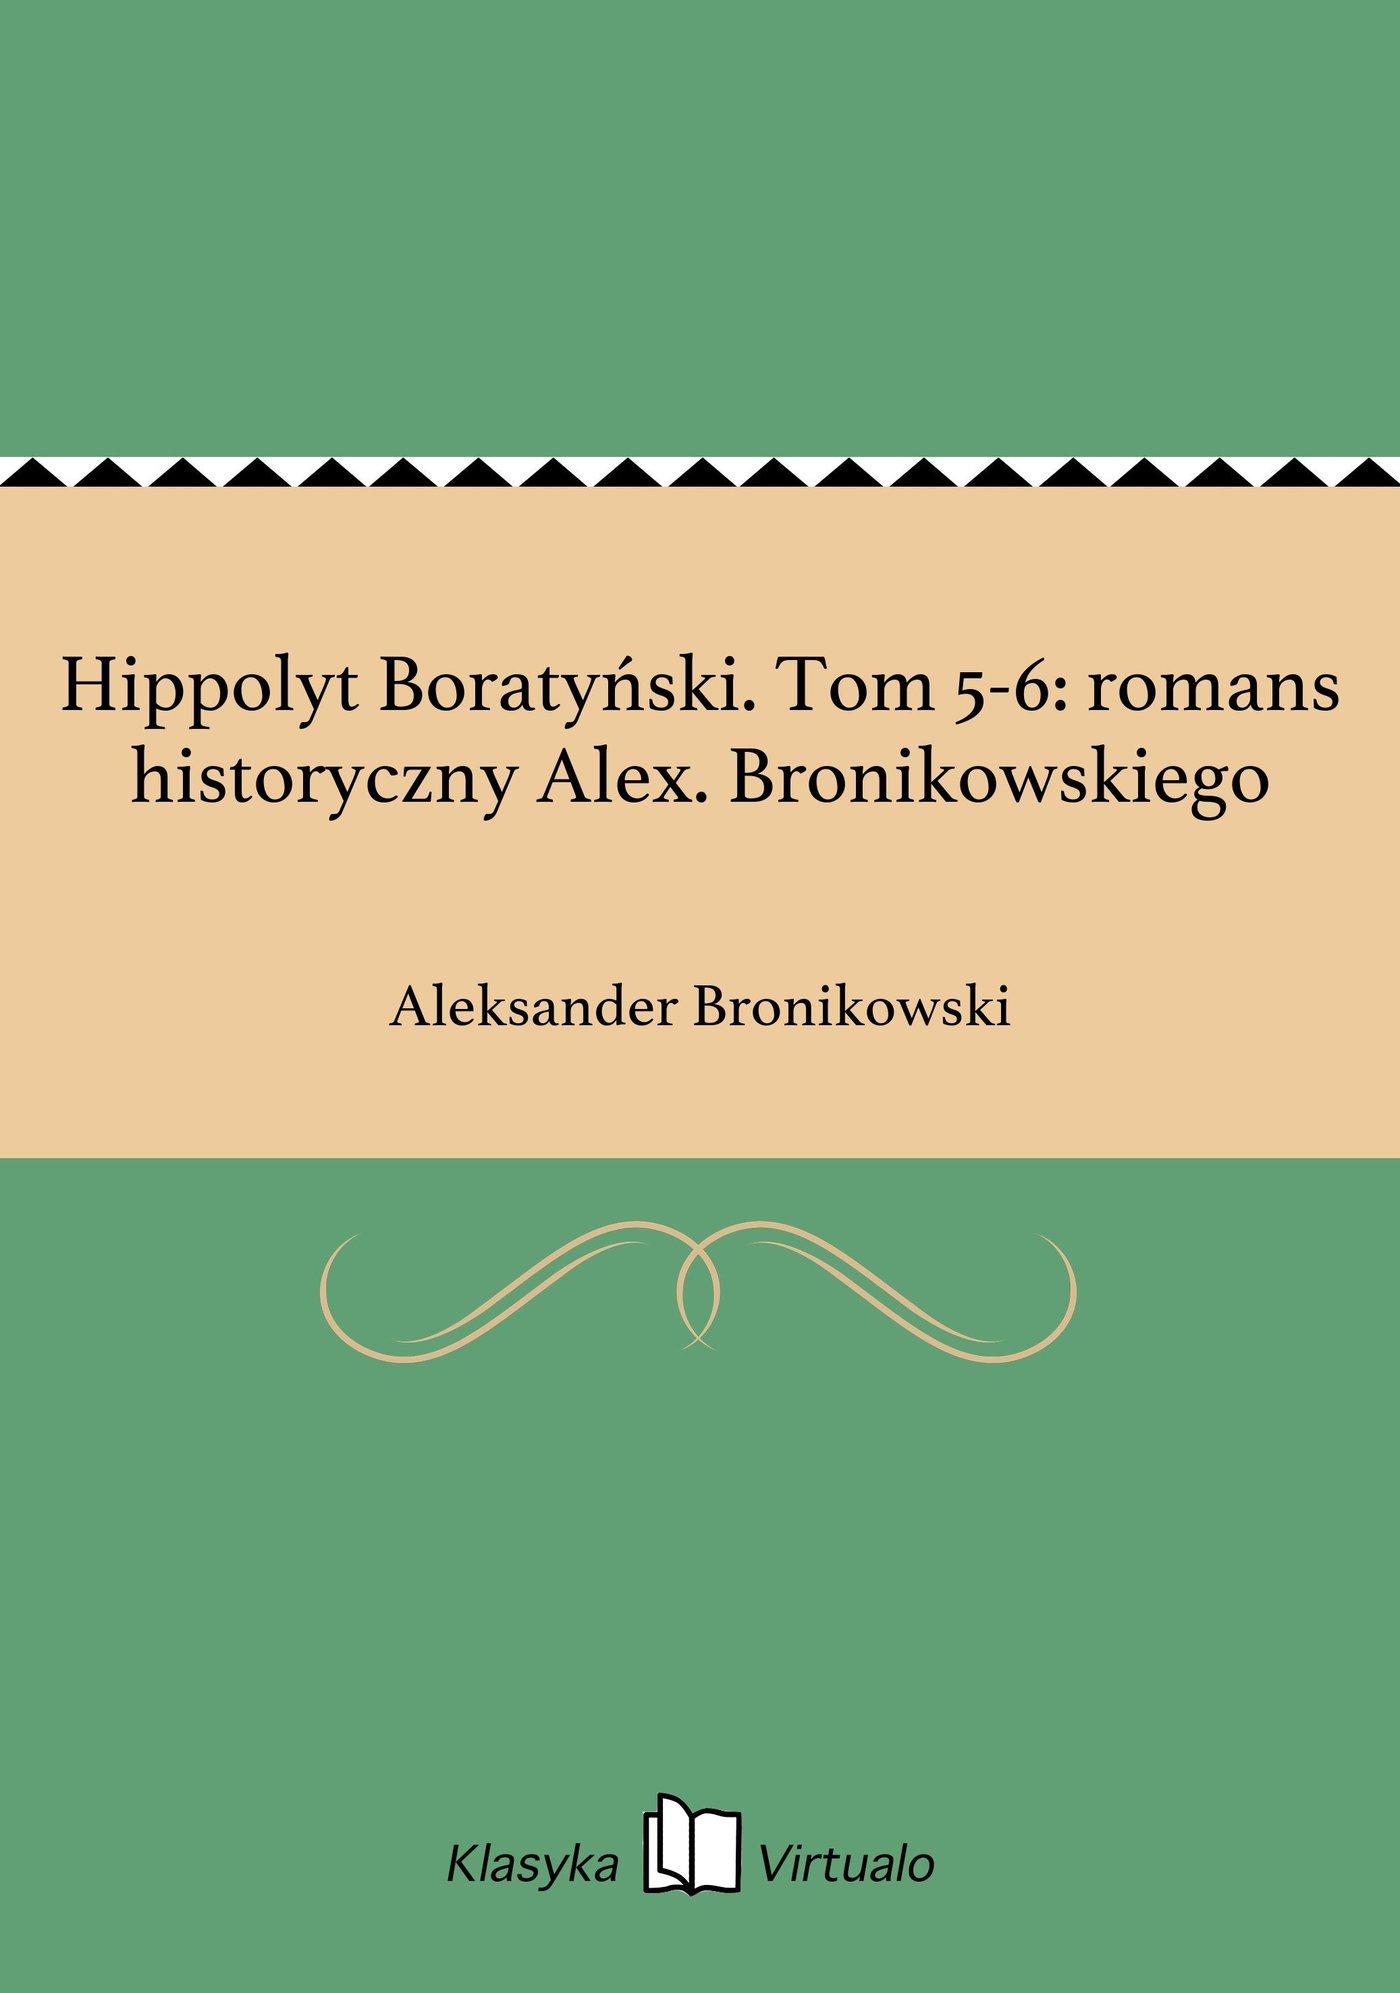 Hippolyt Boratyński. Tom 5-6: romans historyczny Alex. Bronikowskiego - Ebook (Książka na Kindle) do pobrania w formacie MOBI